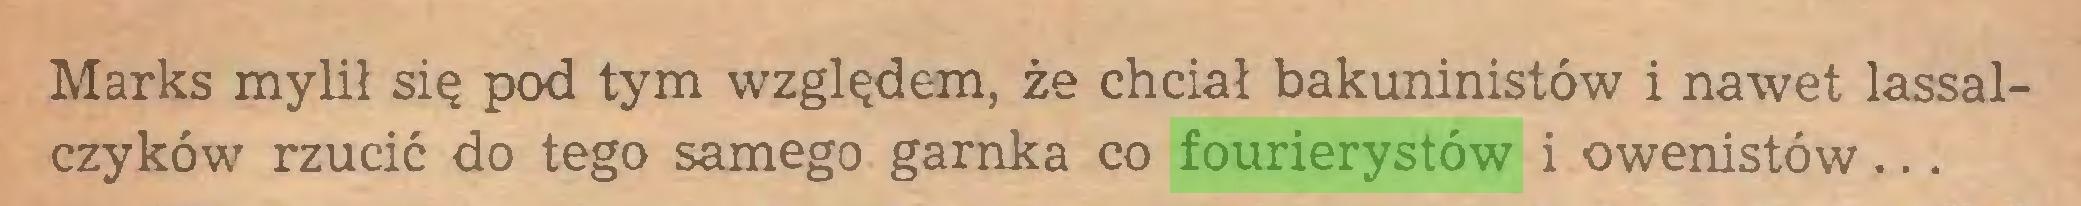 (...) Marks mylił się pod tym względem, że chciał bakuninistów i nawet lassalczyków rzucić do tego samego garnka co fourierystów i owenistów...